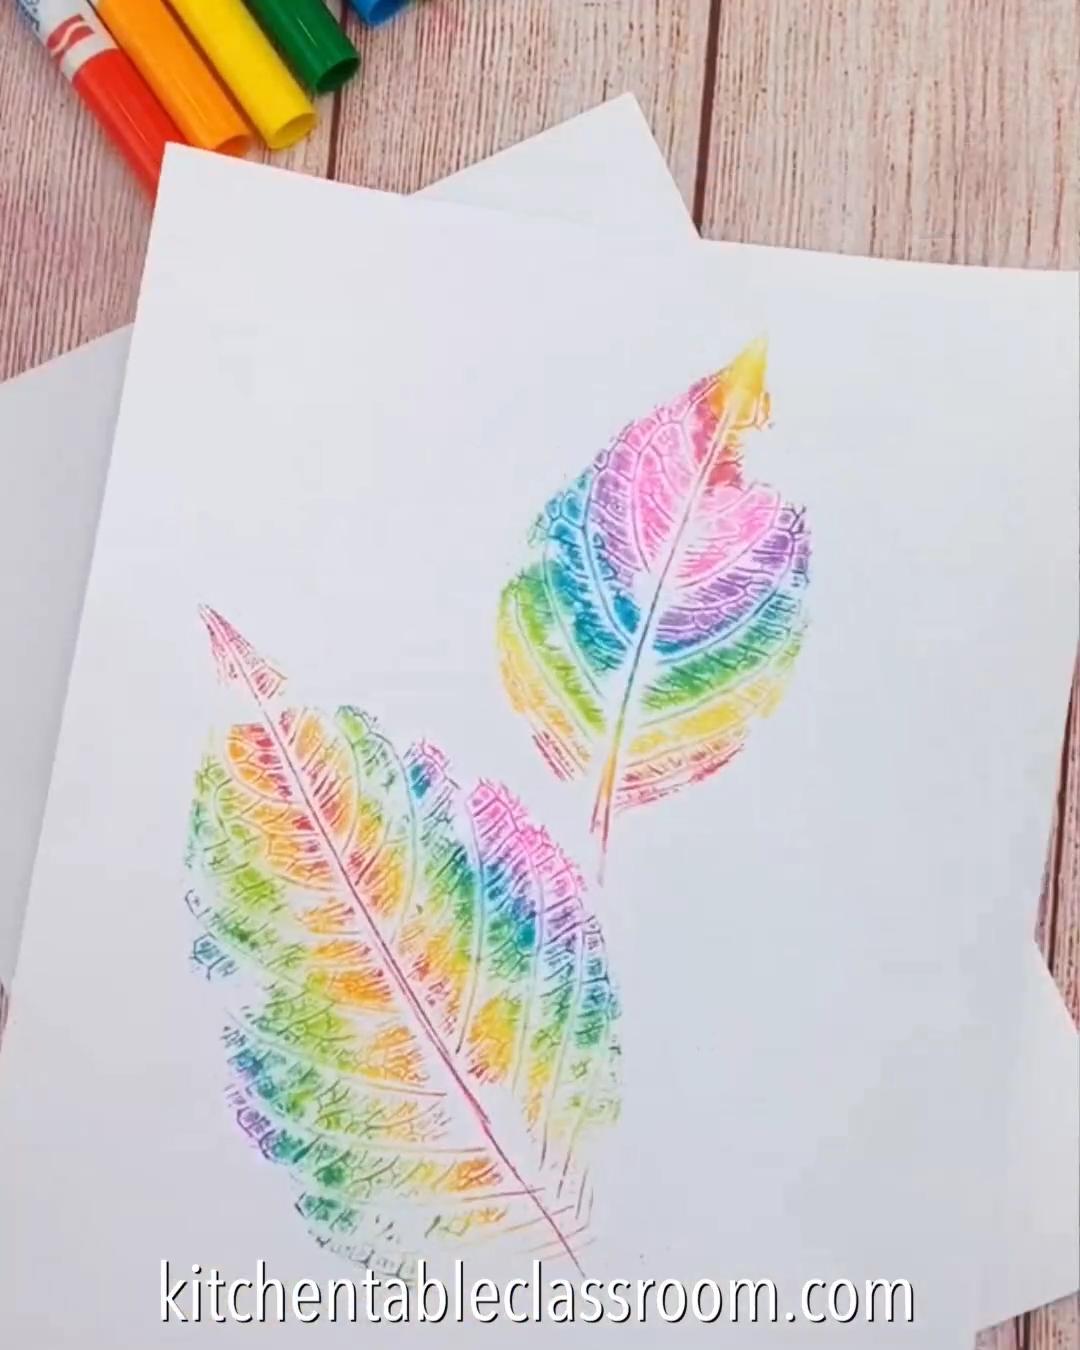 COLORFUL LEAF ART IDEA#art #colorful #idea #leaf